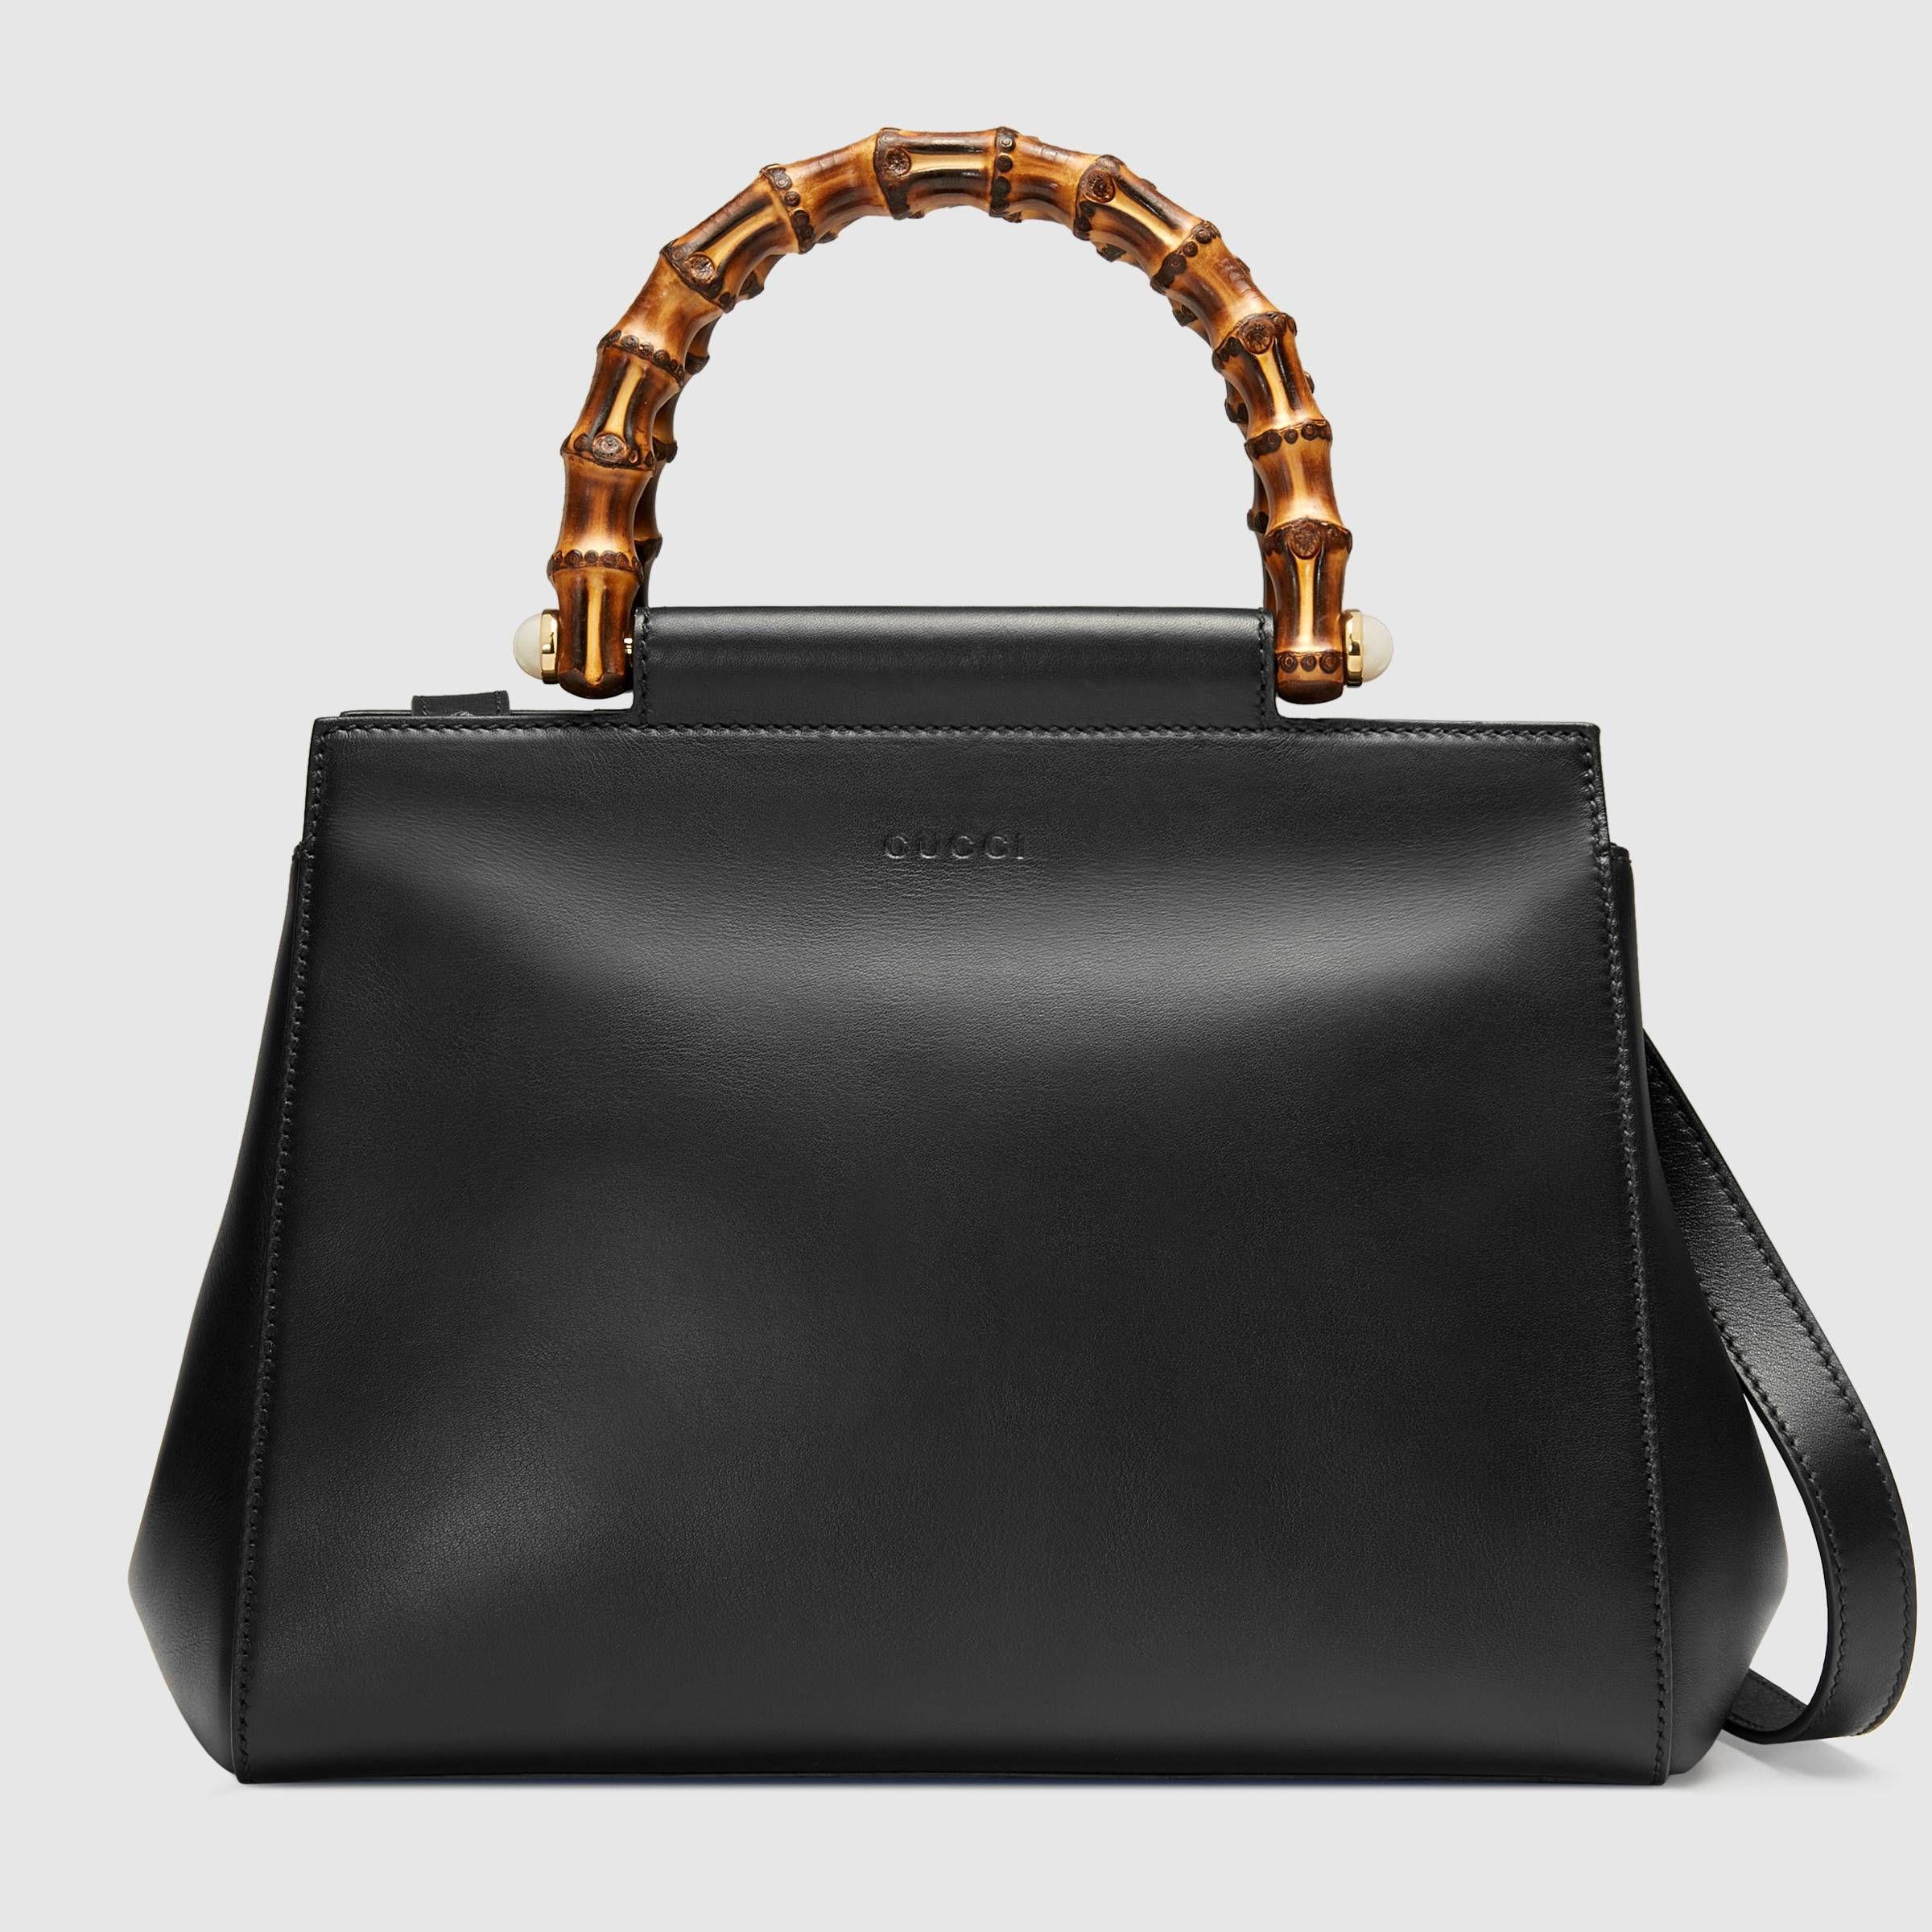 0012e343cb Gucci Nymphaea | l u s t | Gucci, Bags et Gucci handbags